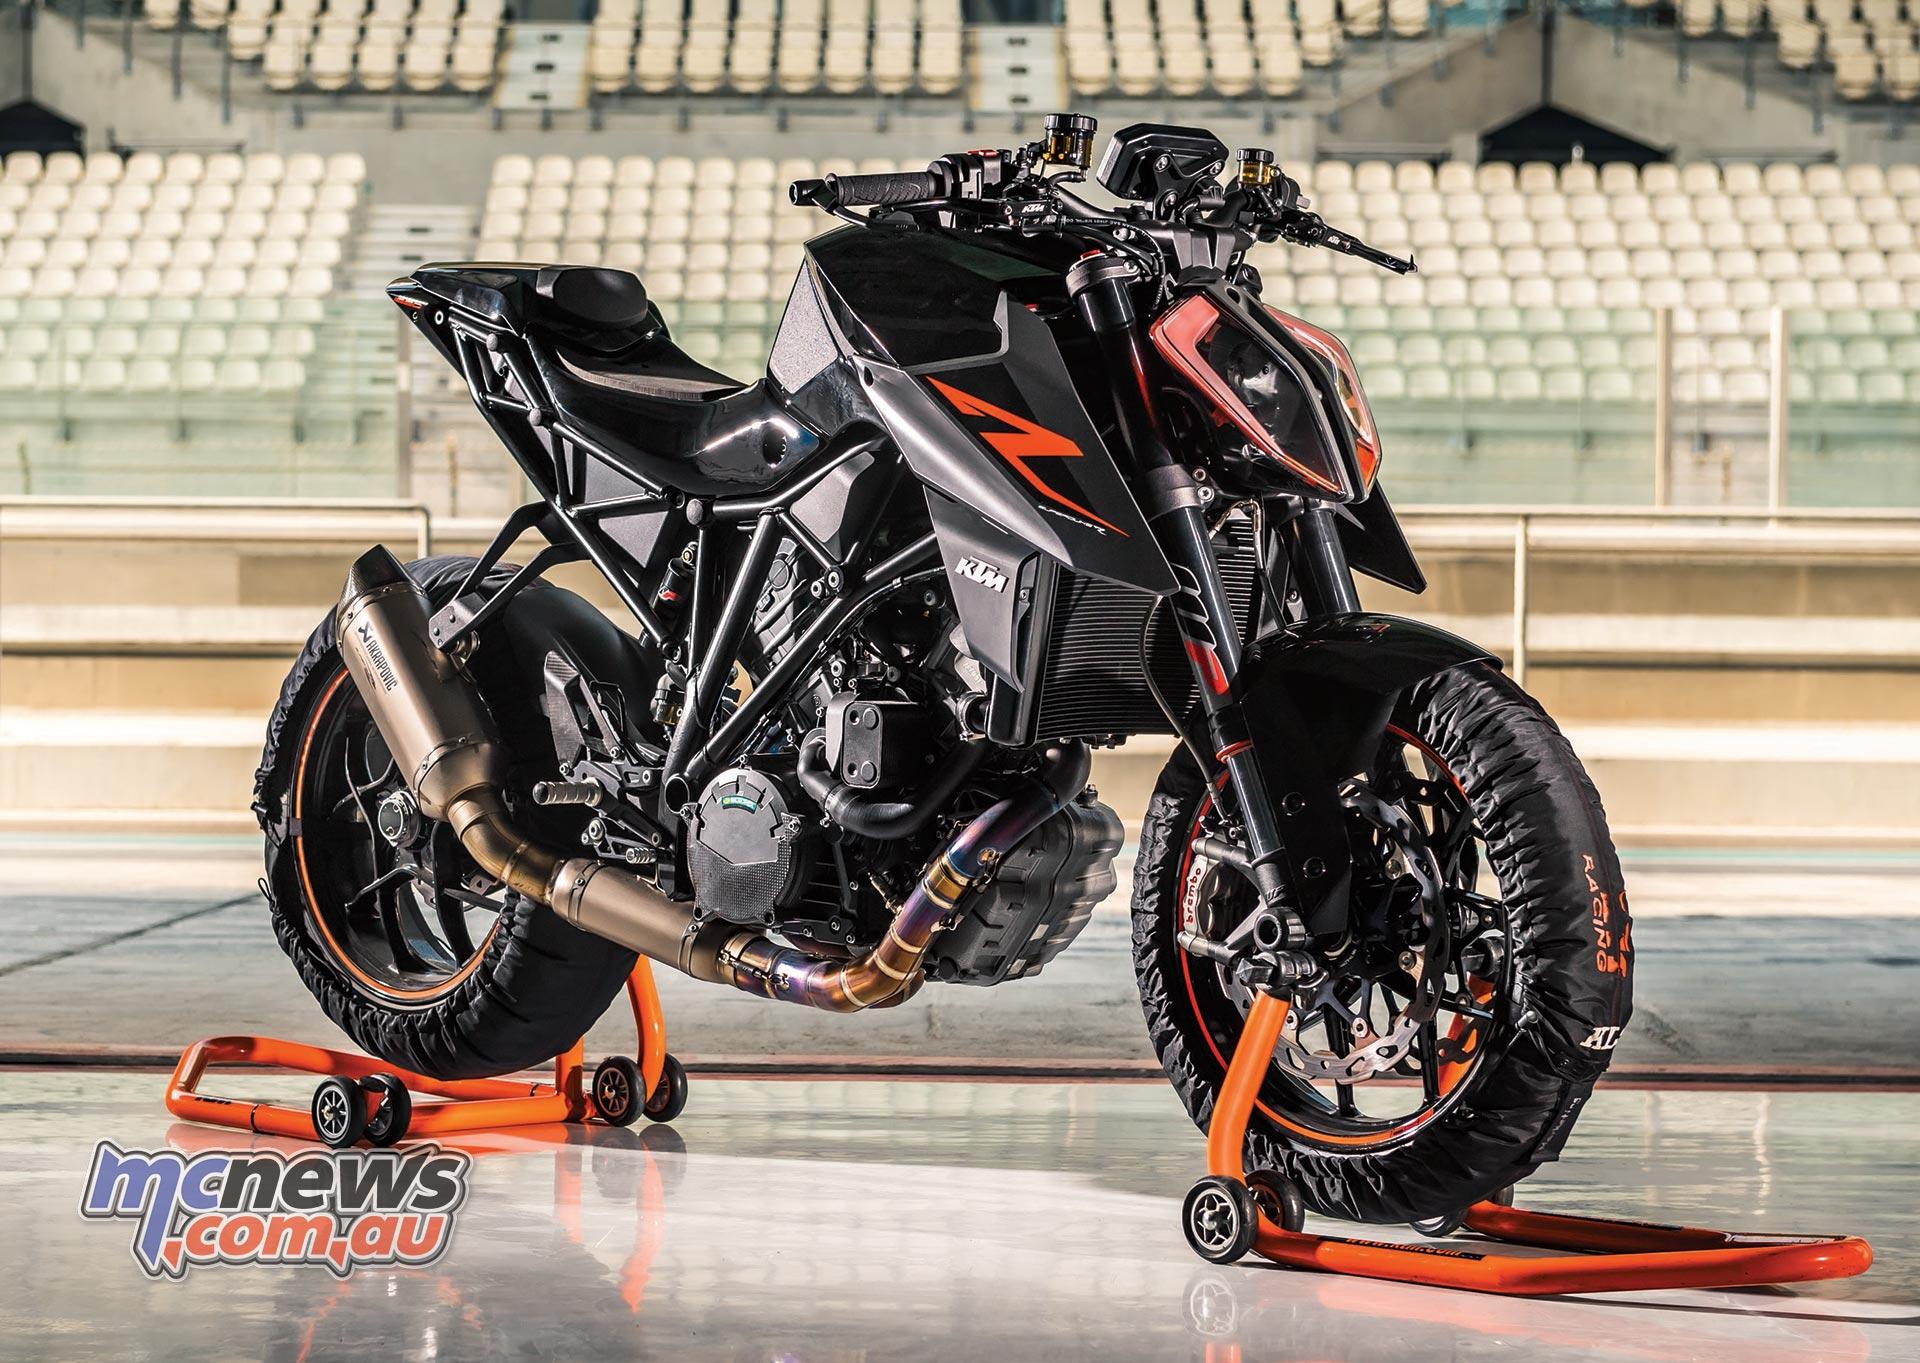 2017 KTM 1290 Superduke R | Beast 2.0 | MCNews.com.au